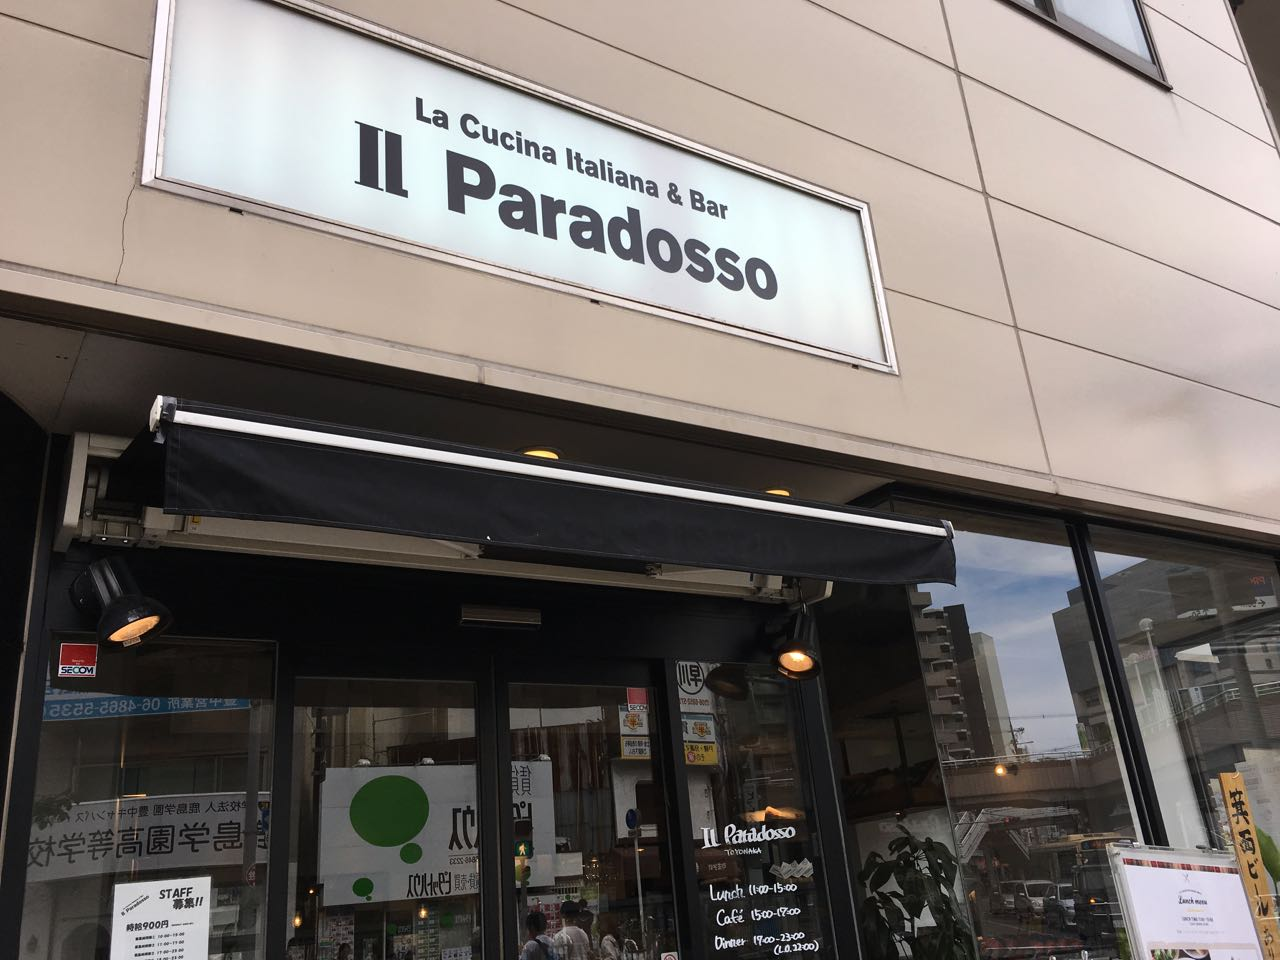 ランチはパンとサラダ食べ放題!イルパラドッソ豊中駅前店(Il Paradosso)